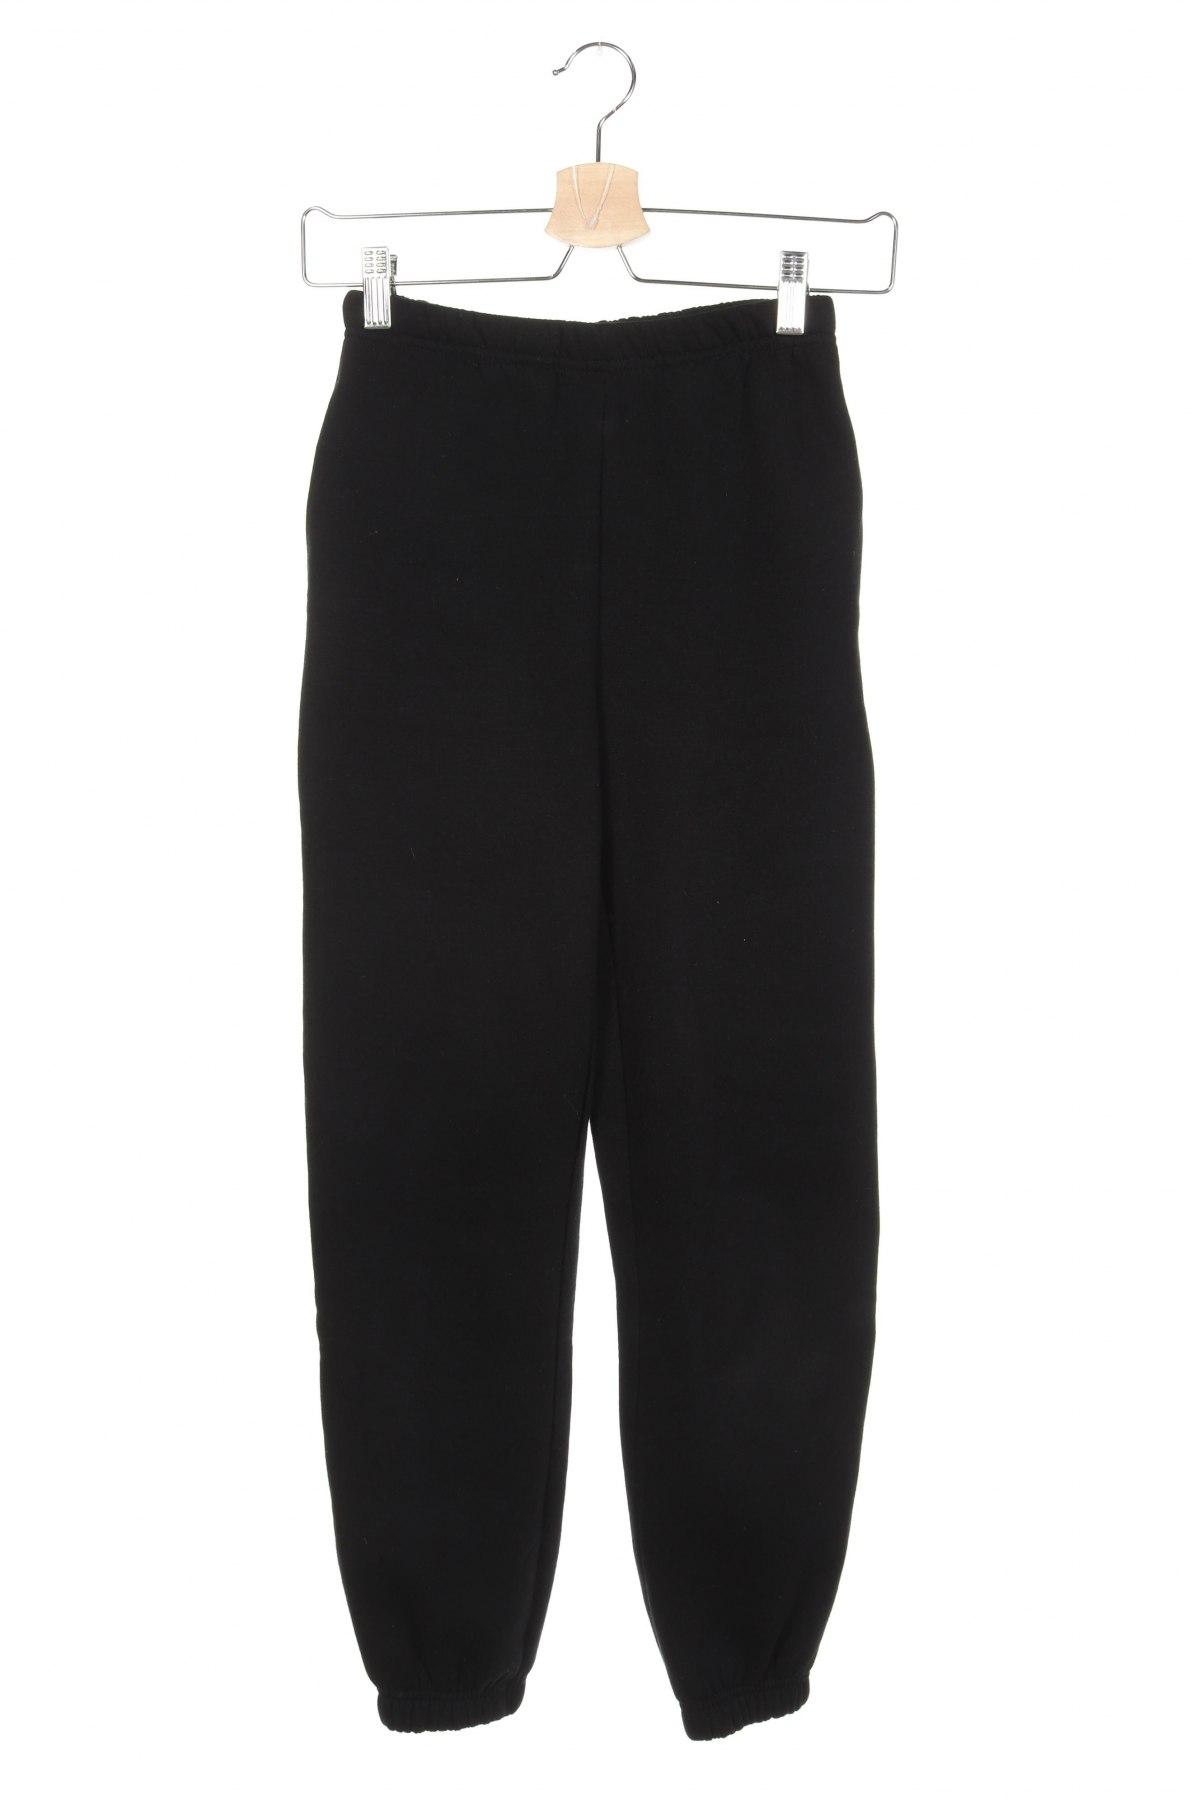 Дамско спортно долнище Gina Tricot, Размер XXS, Цвят Черен, 70% памук, 30% полиестер, Цена 23,32лв.